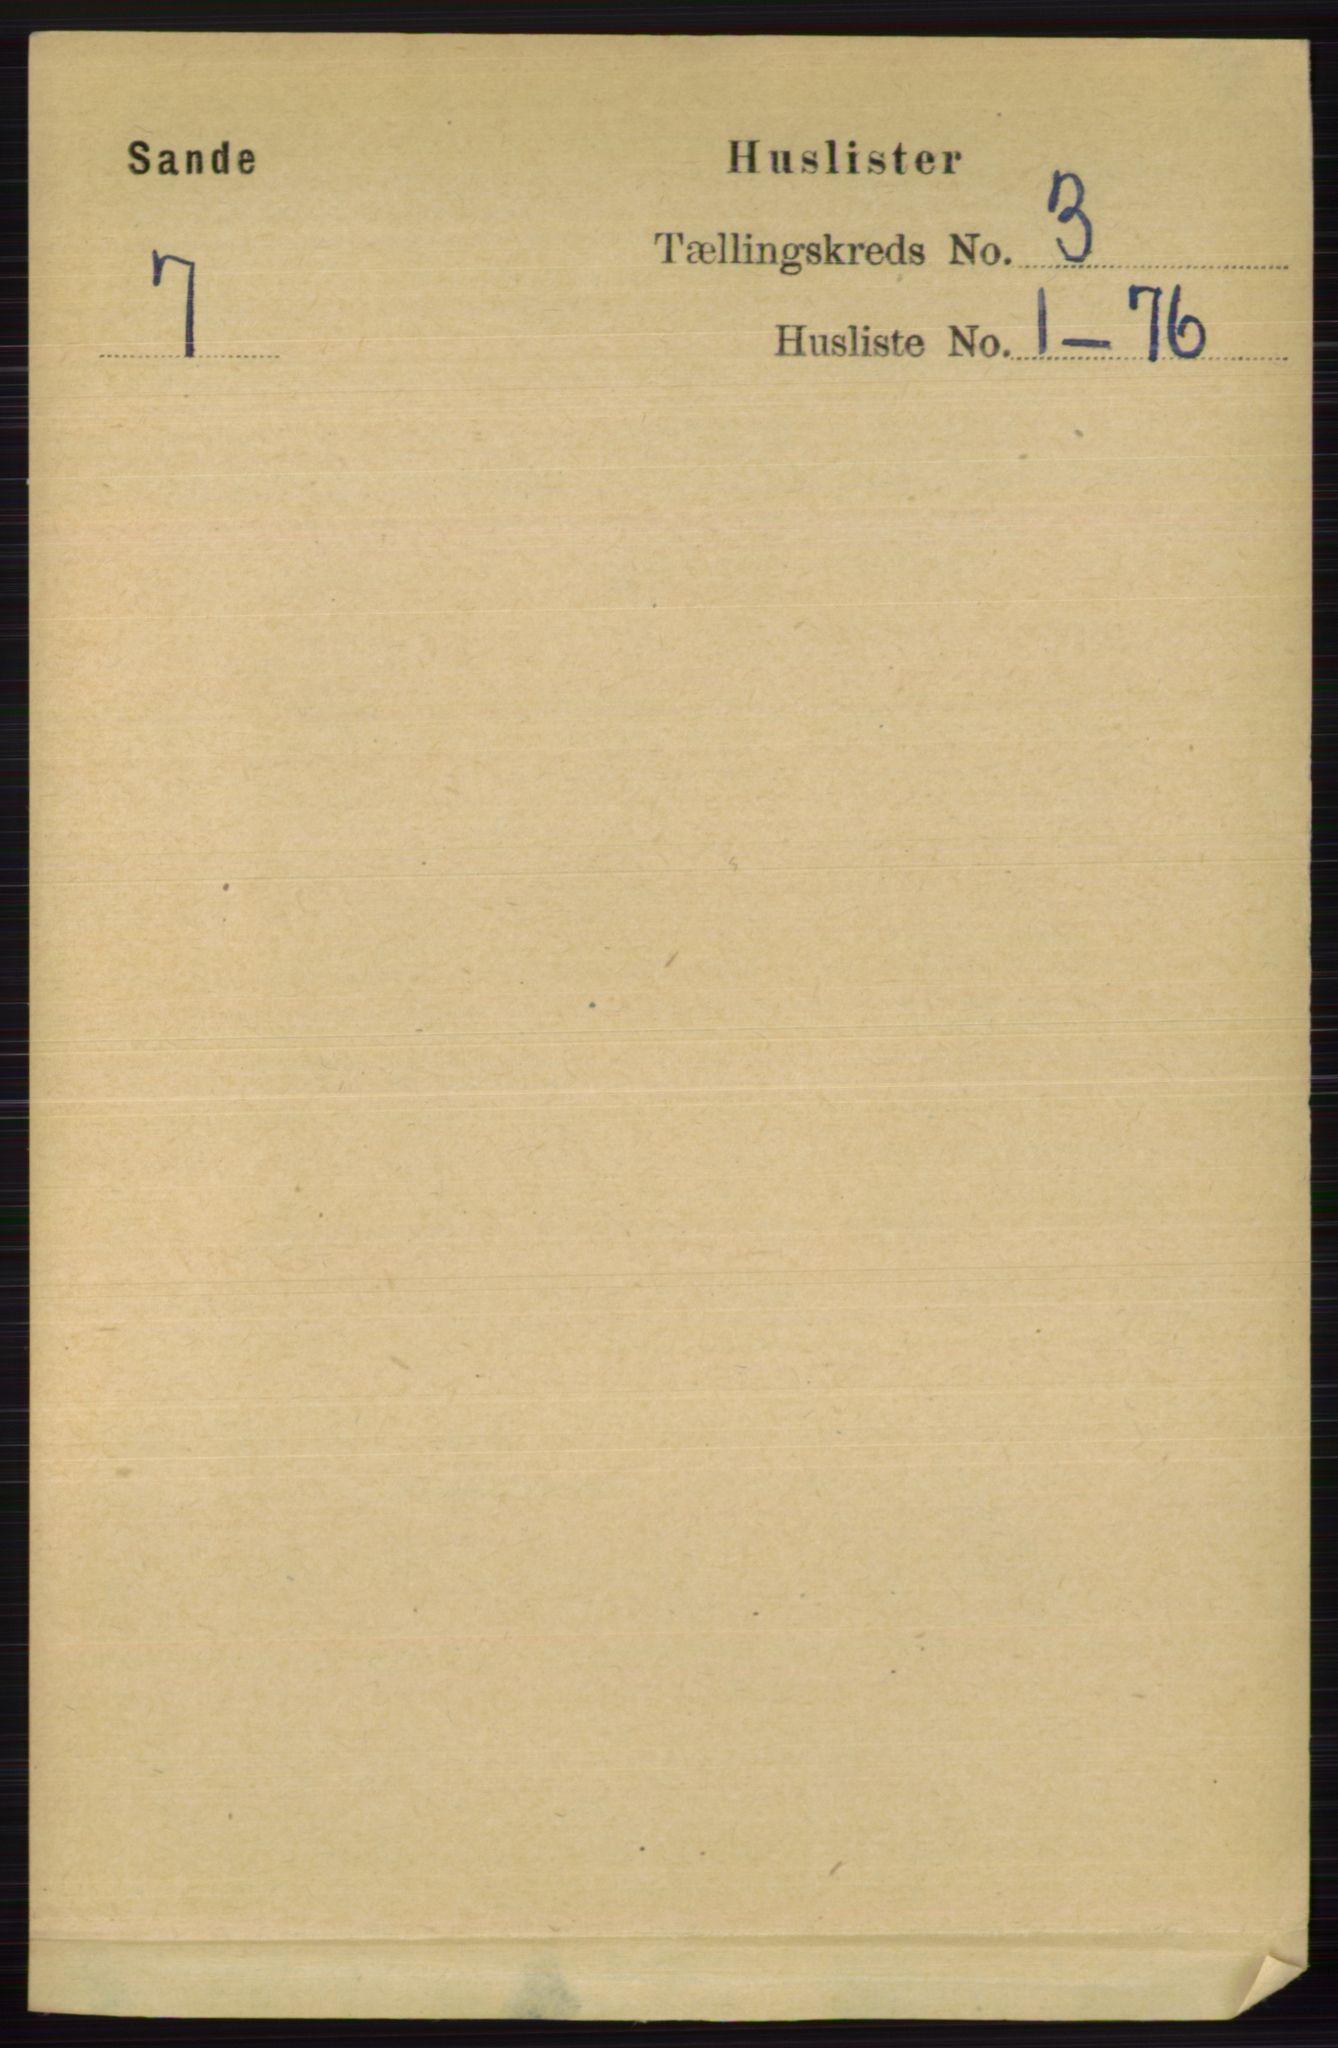 RA, Folketelling 1891 for 0713 Sande herred, 1891, s. 859